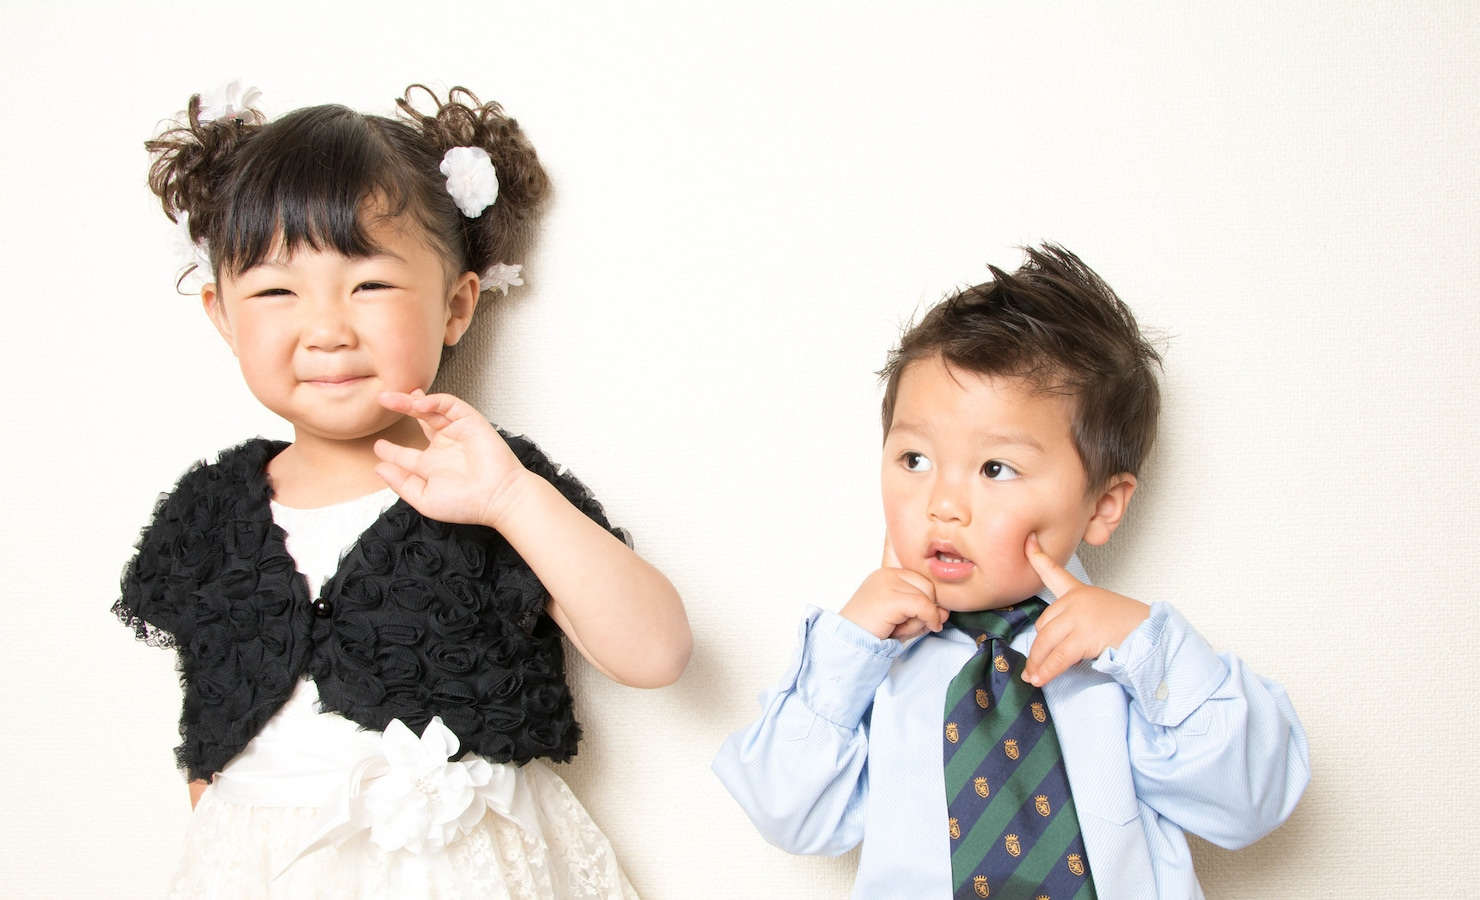 結婚式での子供の服装マナー!男の子・女の子の正装とは [結婚式